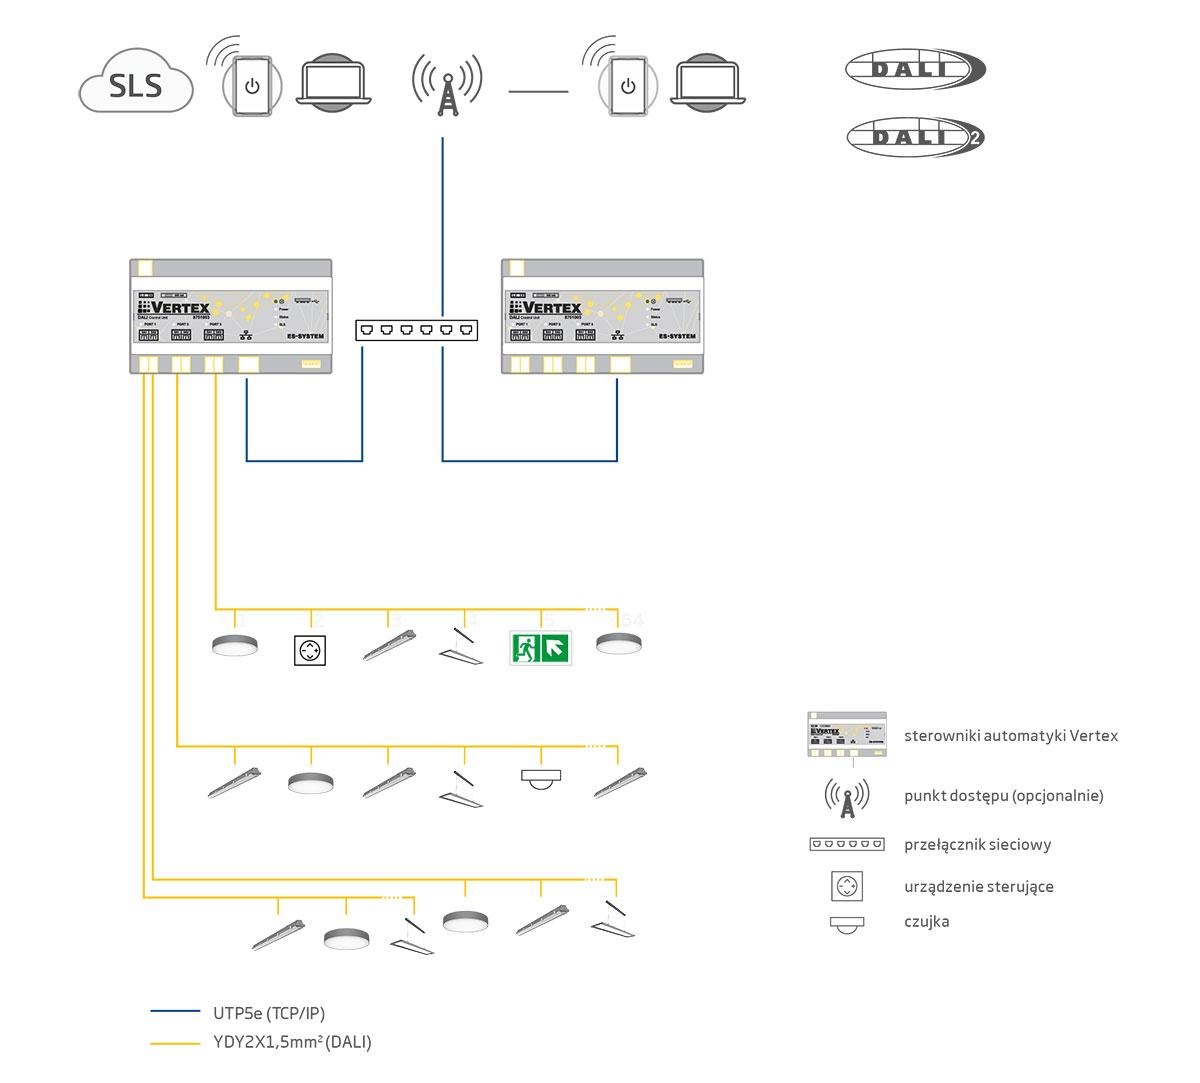 schemat systemu Vertex